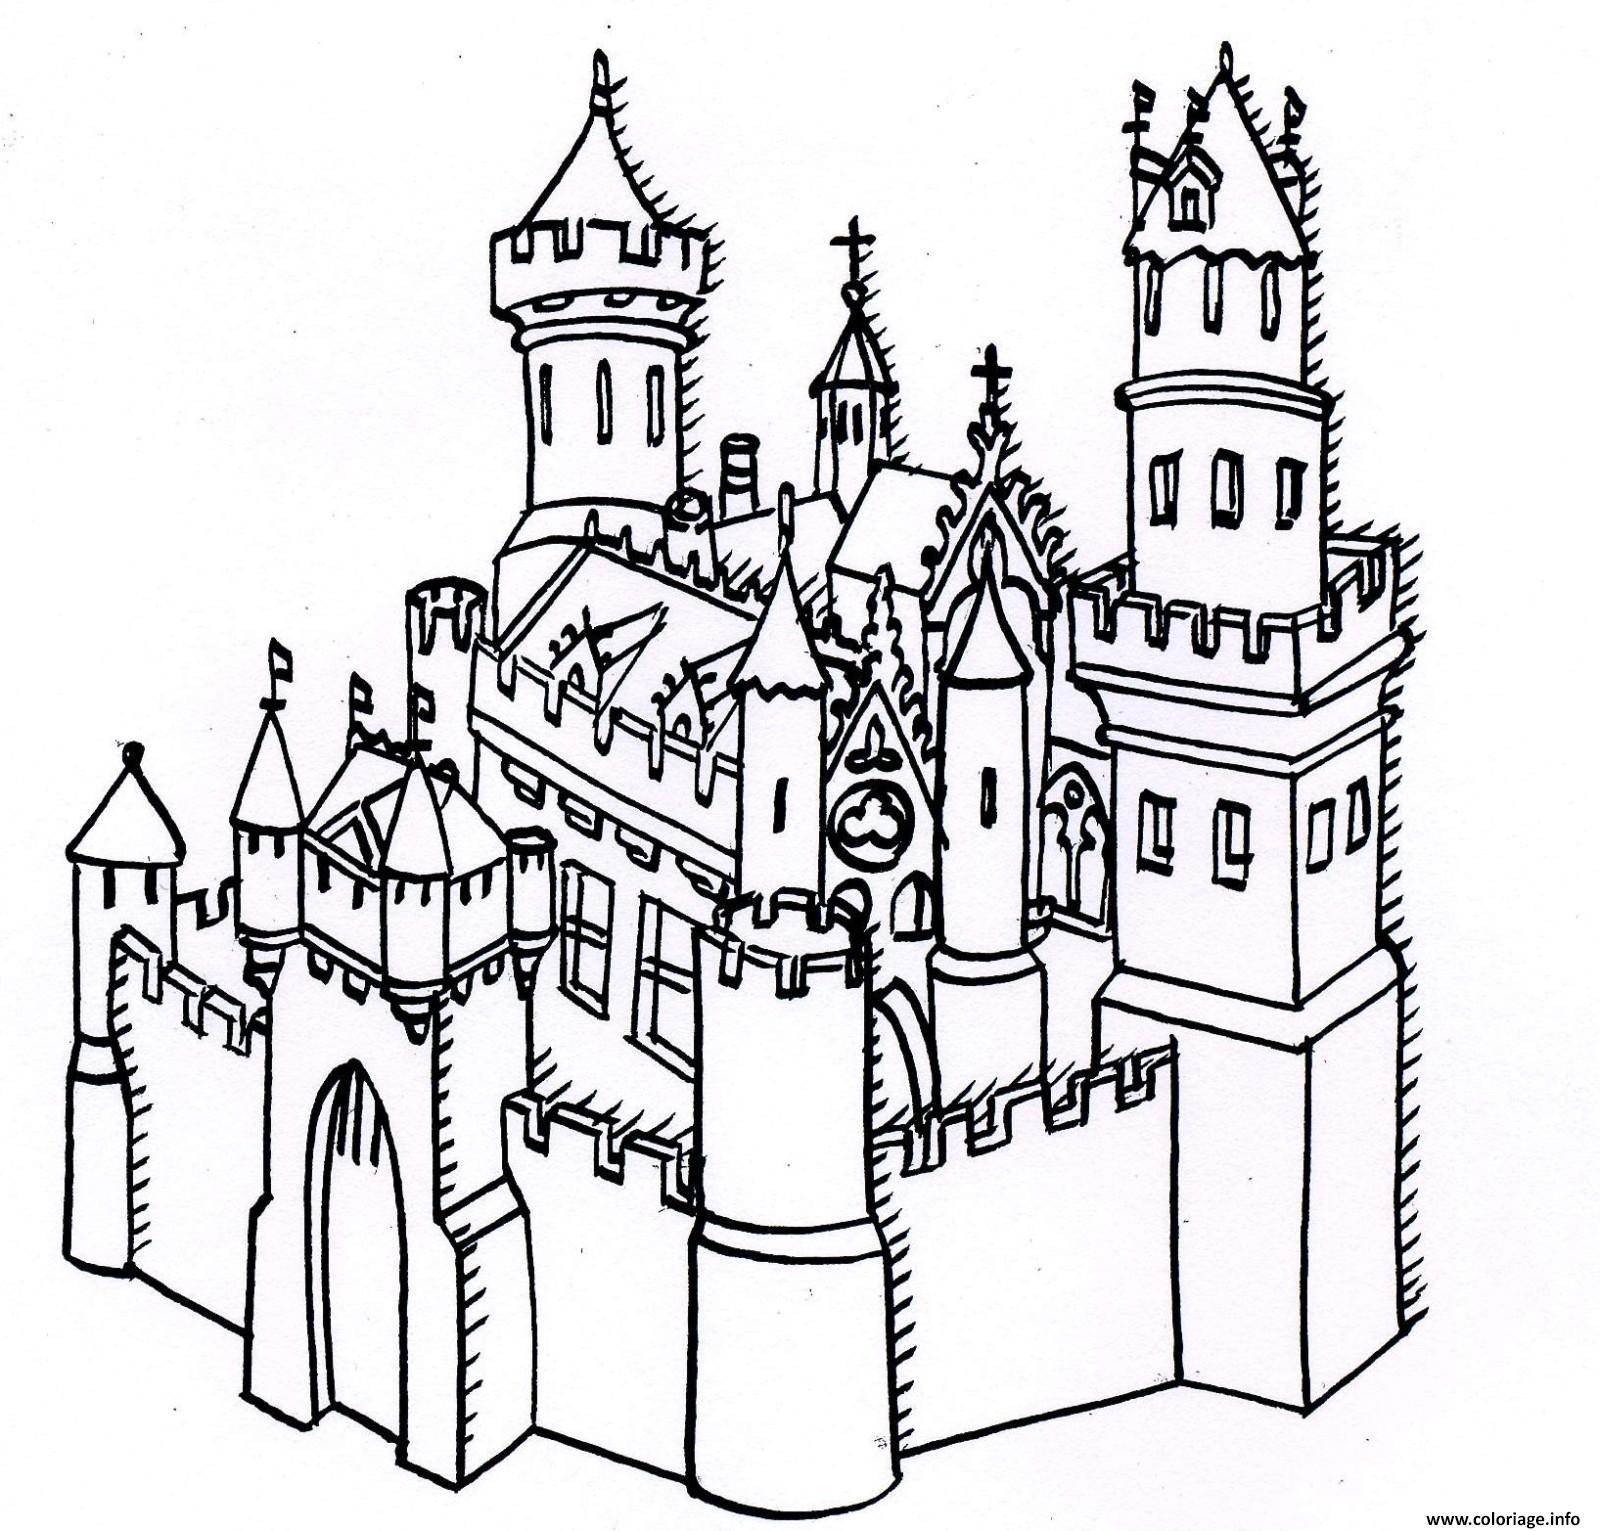 Coloriage De Chateau A Imprimer.Coloriage Chateau Forteresse Dessin